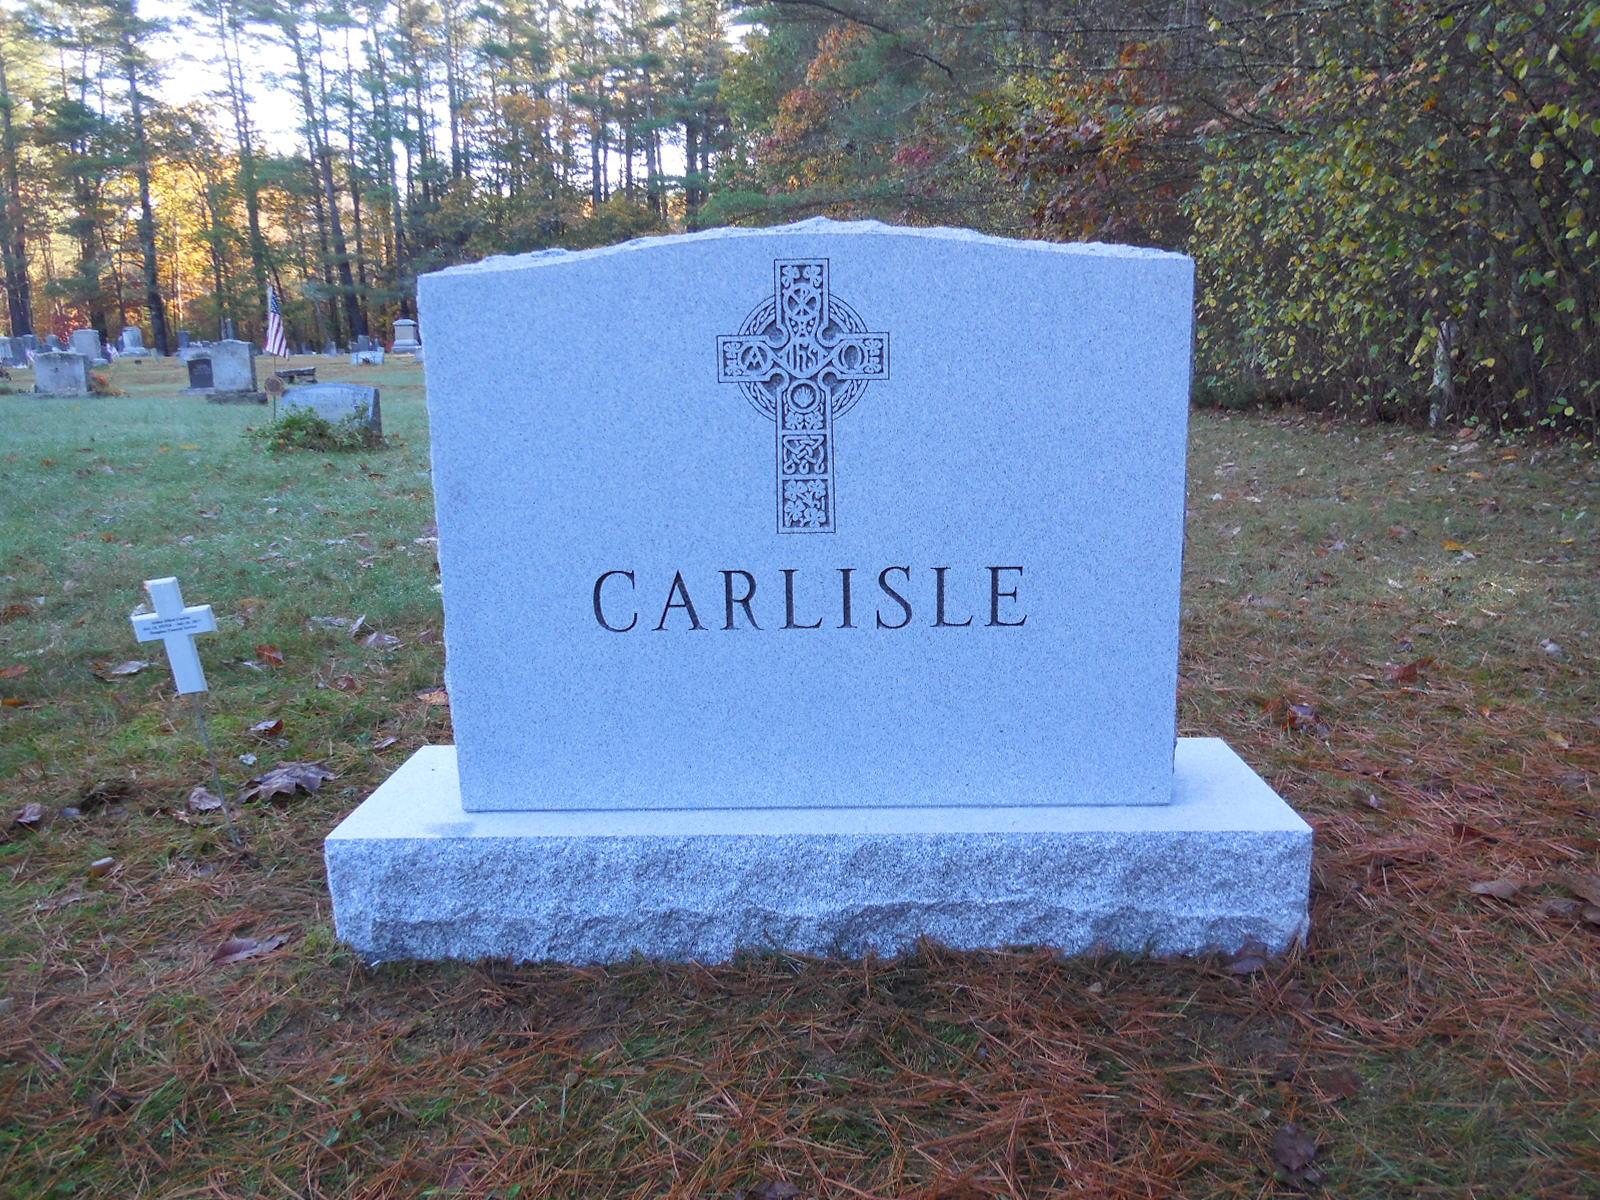 Carlisle 1.JPG